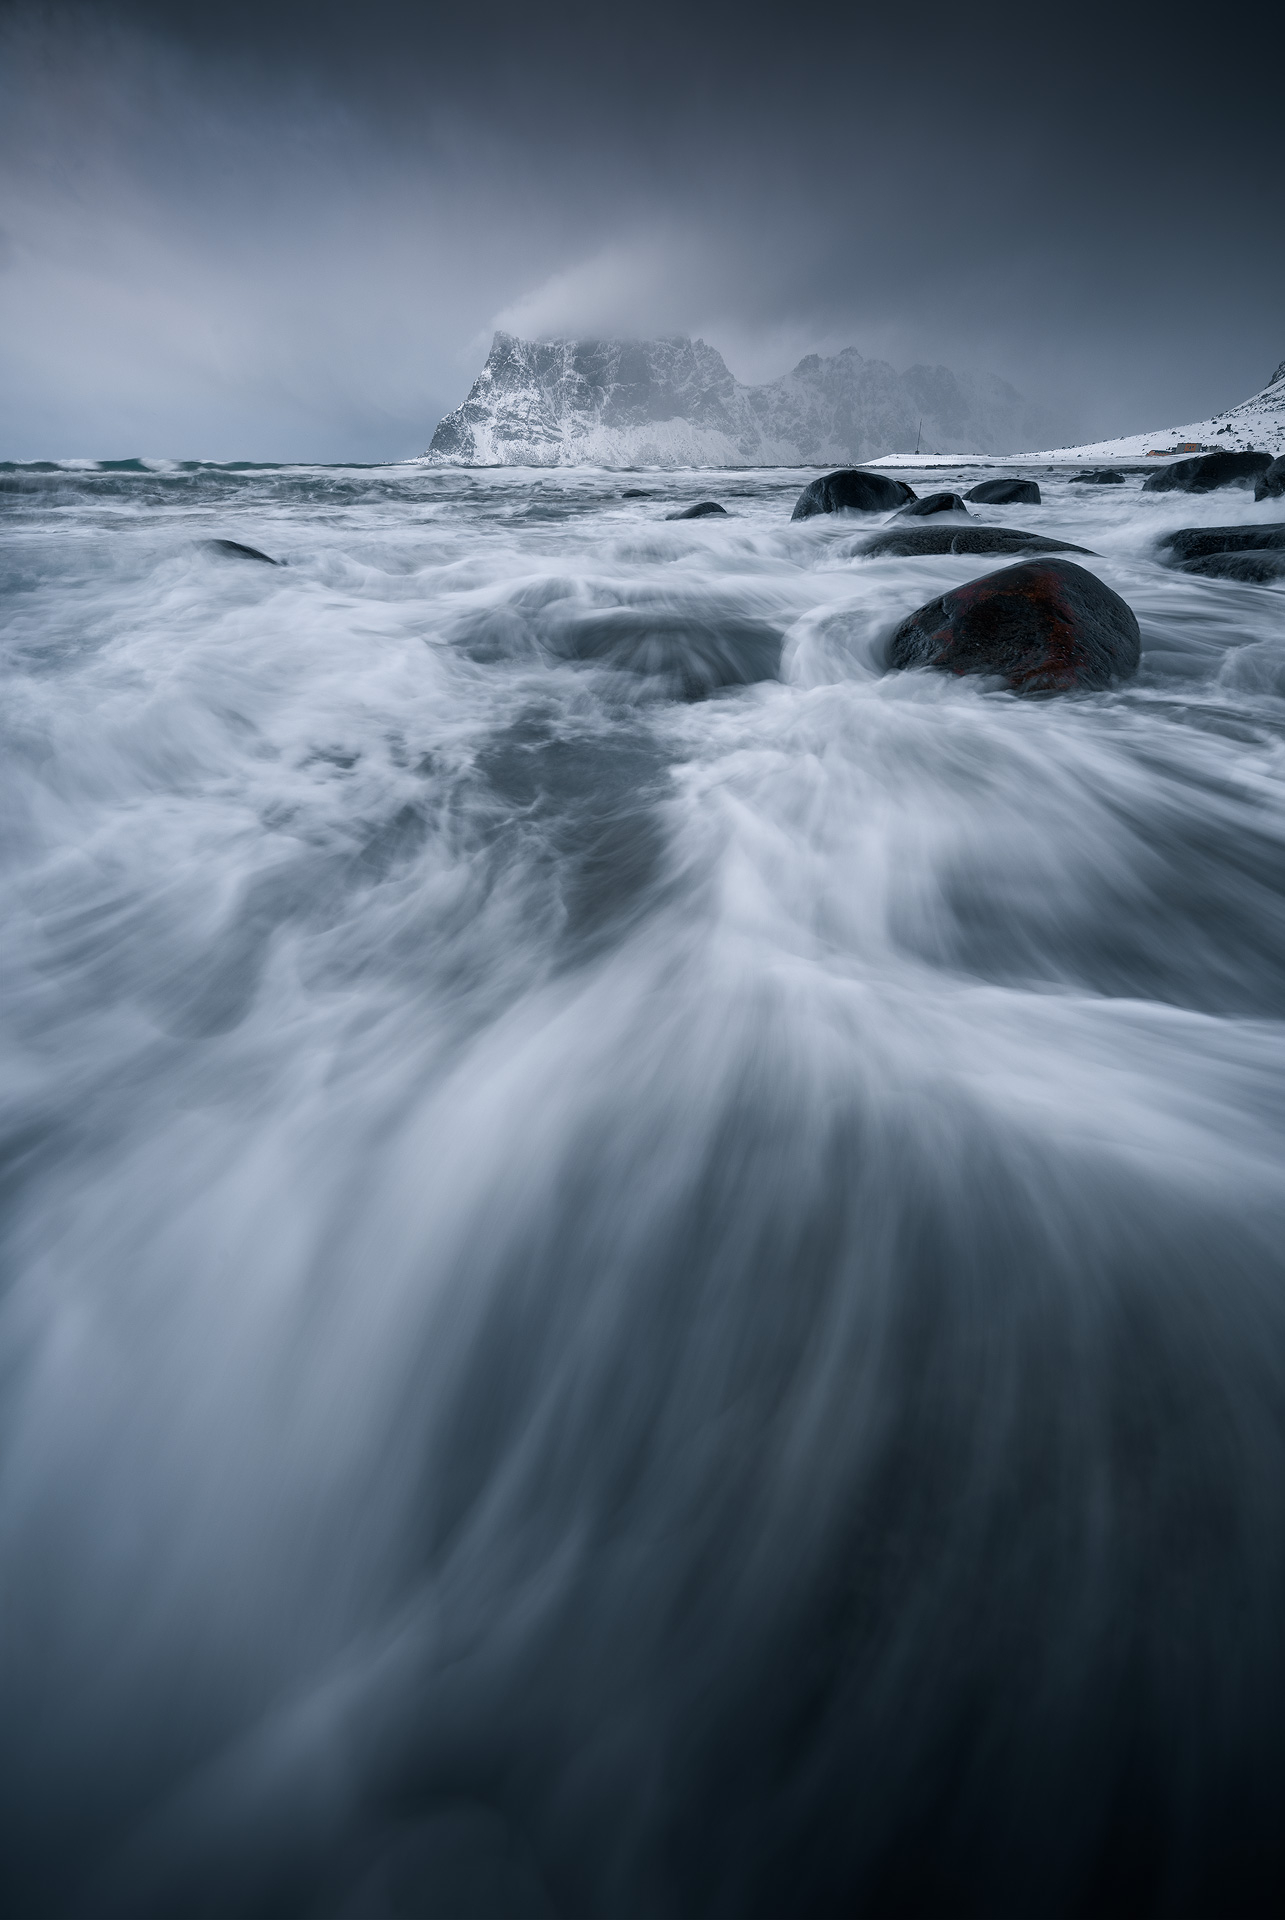 Winter seascape with crashing waves at Lofoten, Norway